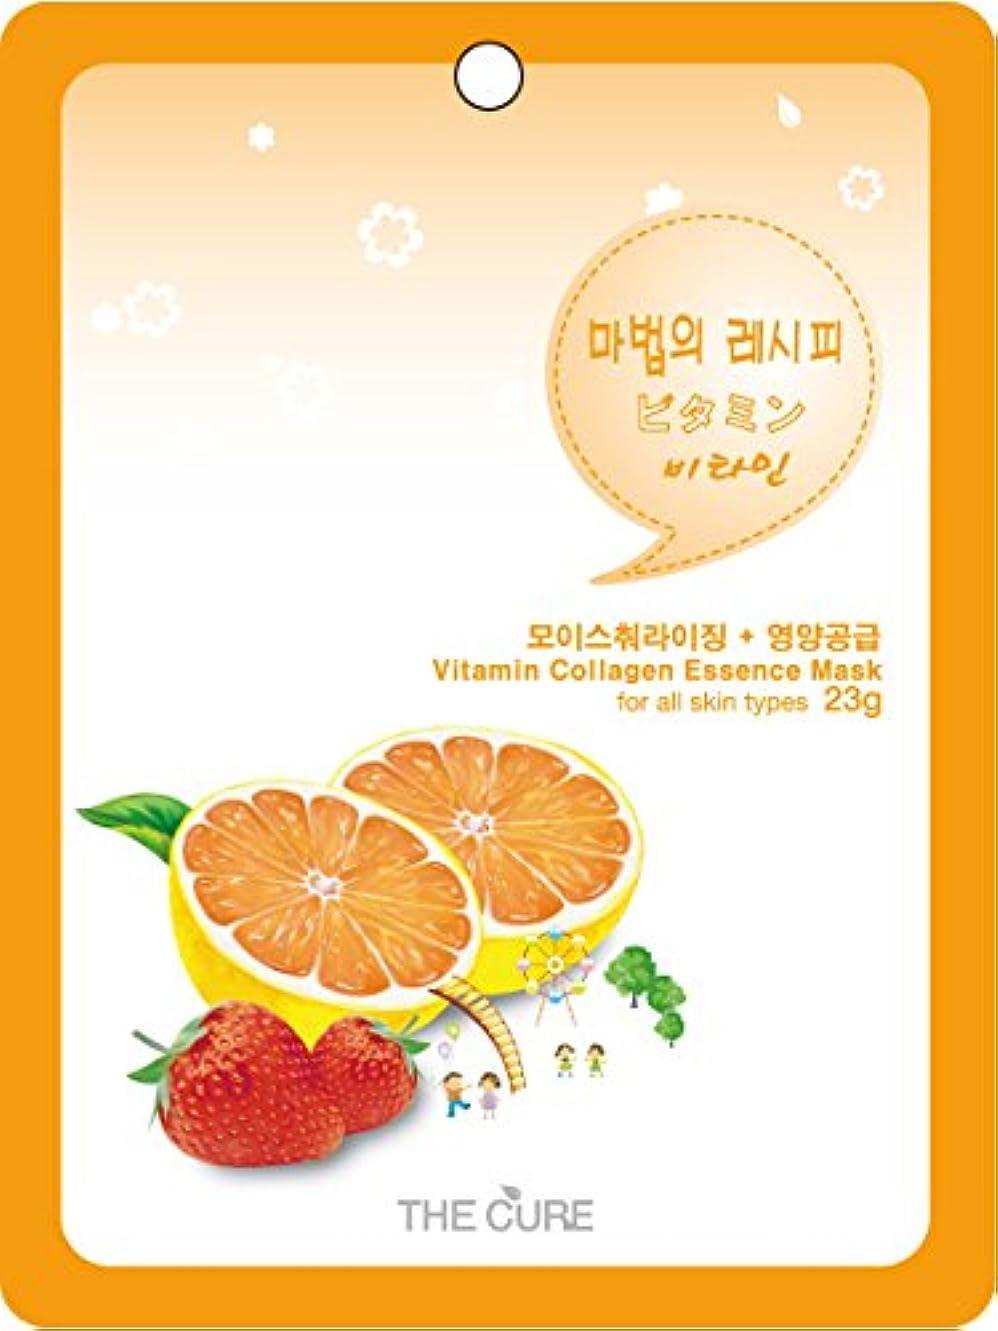 腹部鳴り響く処理するビタミン コラーゲン エッセンス マスク THE CURE シート パック 100枚セット 韓国 コスメ 乾燥肌 オイリー肌 混合肌